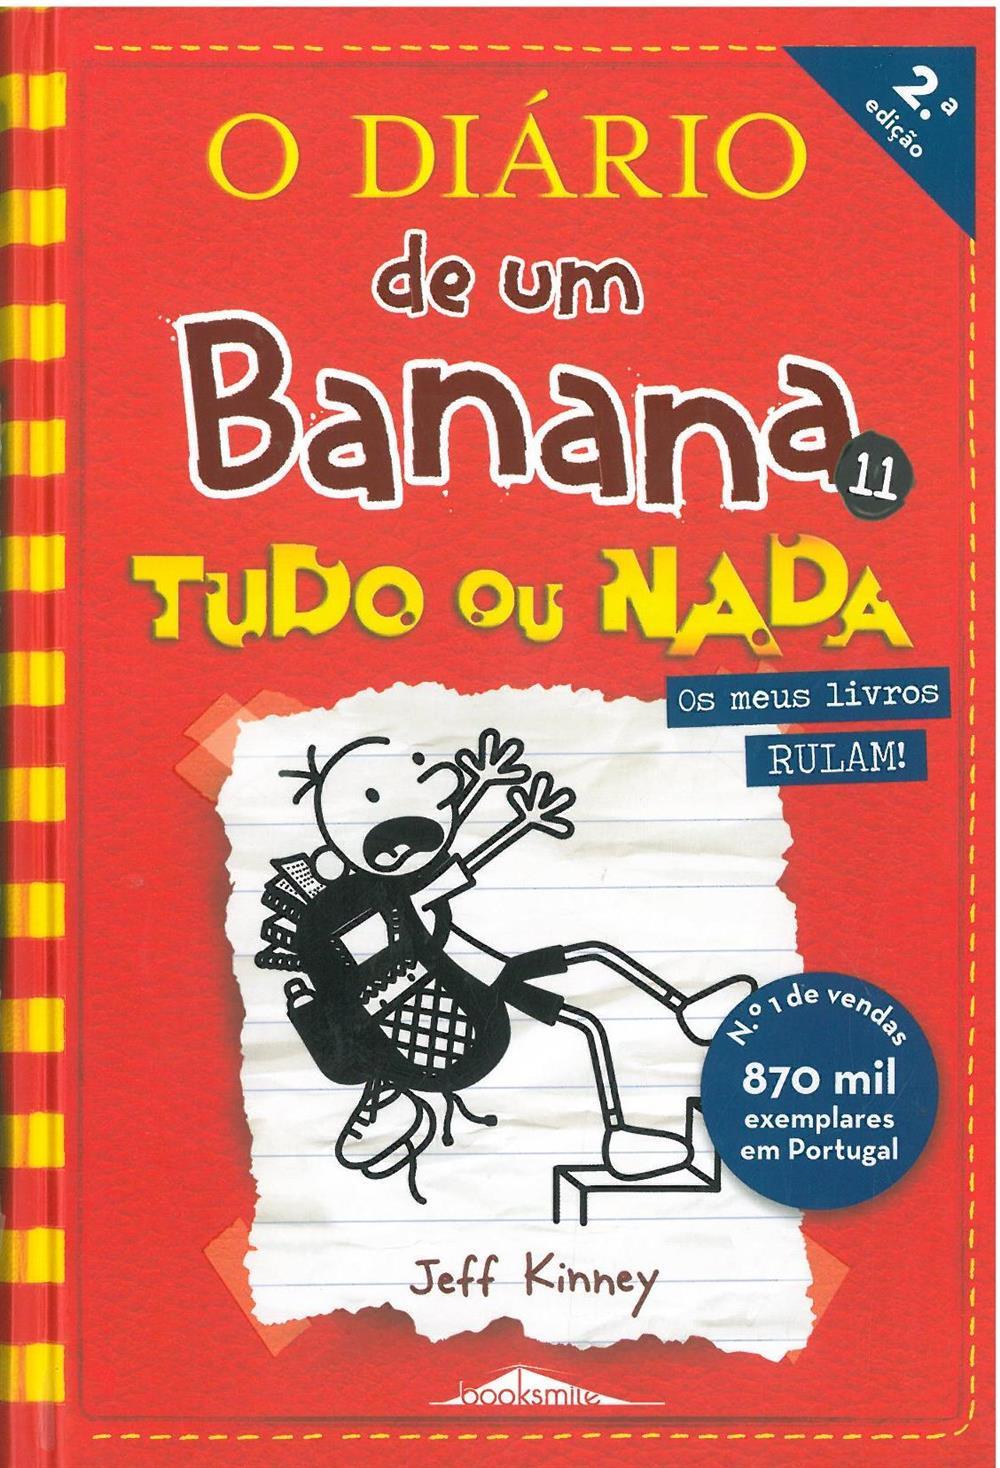 O diário de um banana 11_.jpg